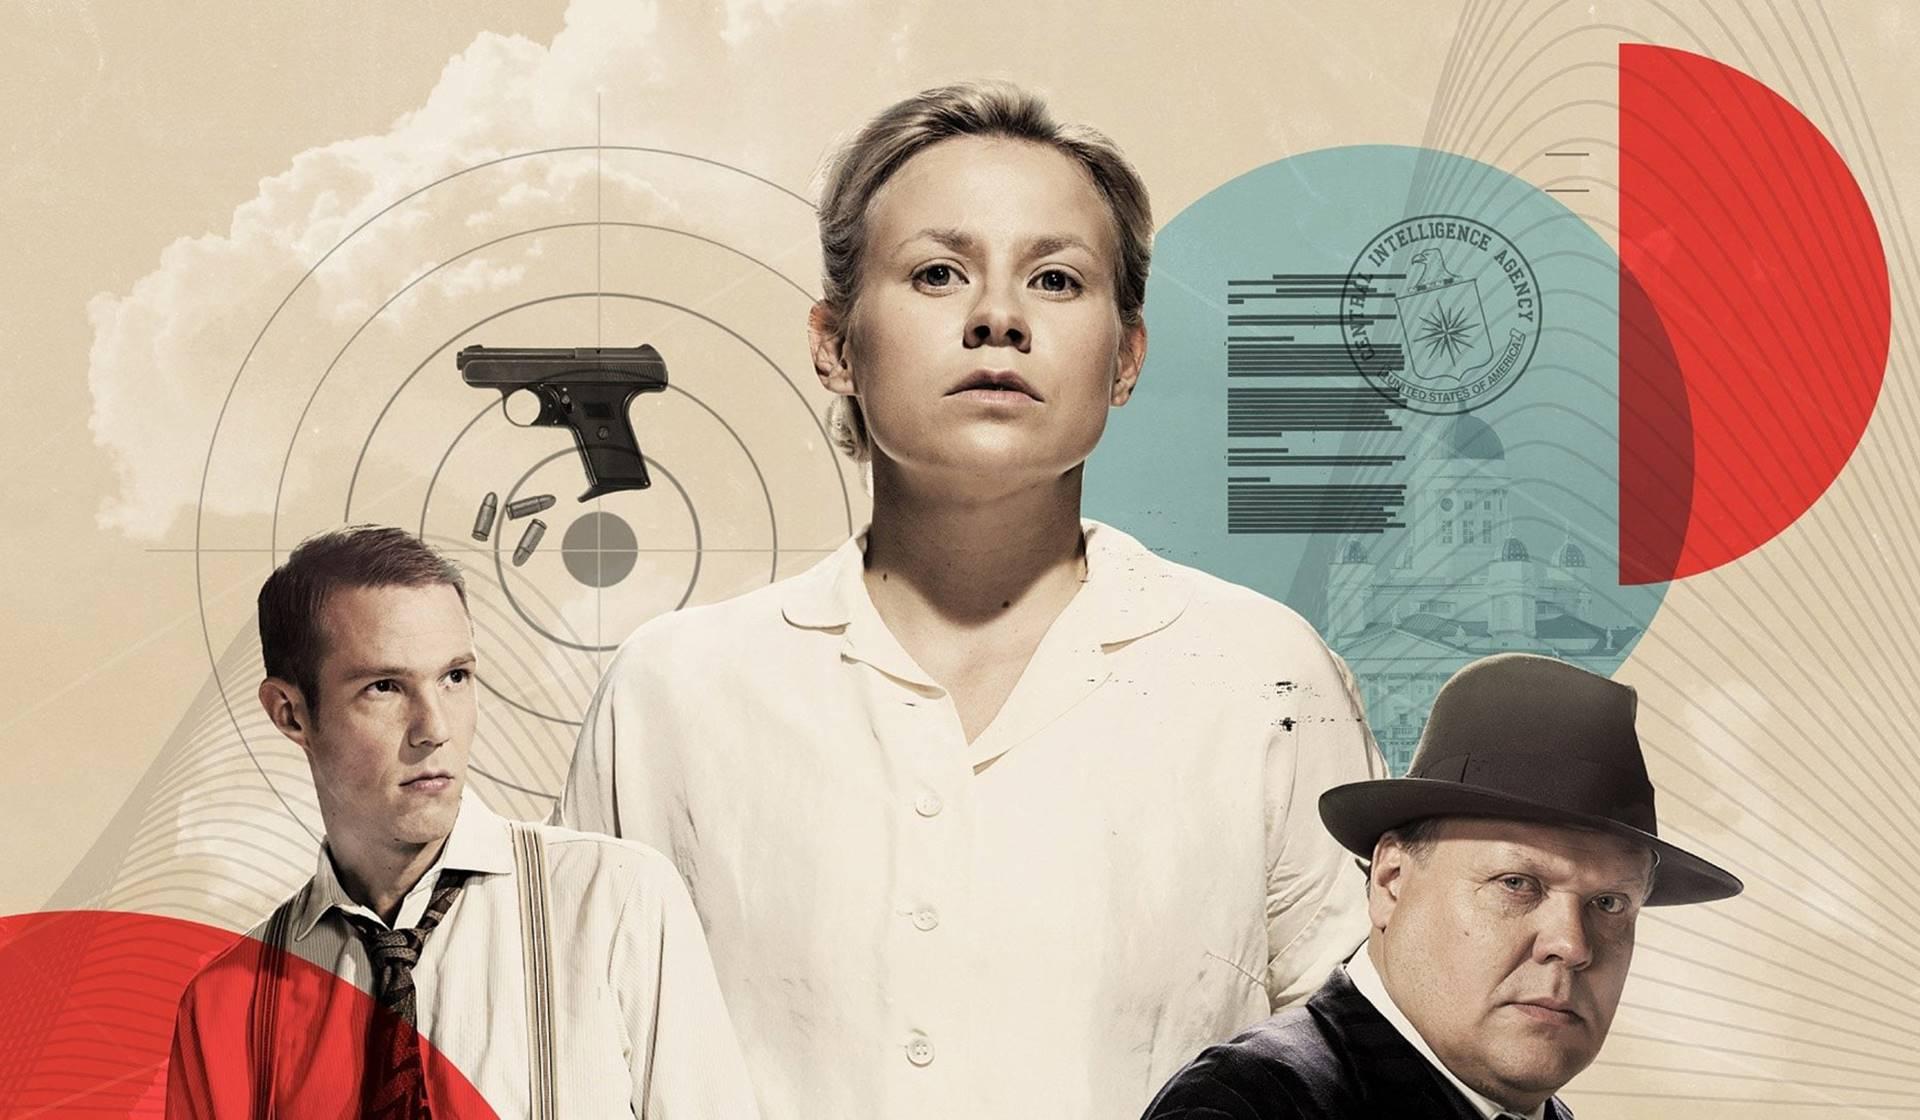 Serie finlandesa, Shadow Lines, con Emmi Parviainen en Filmin